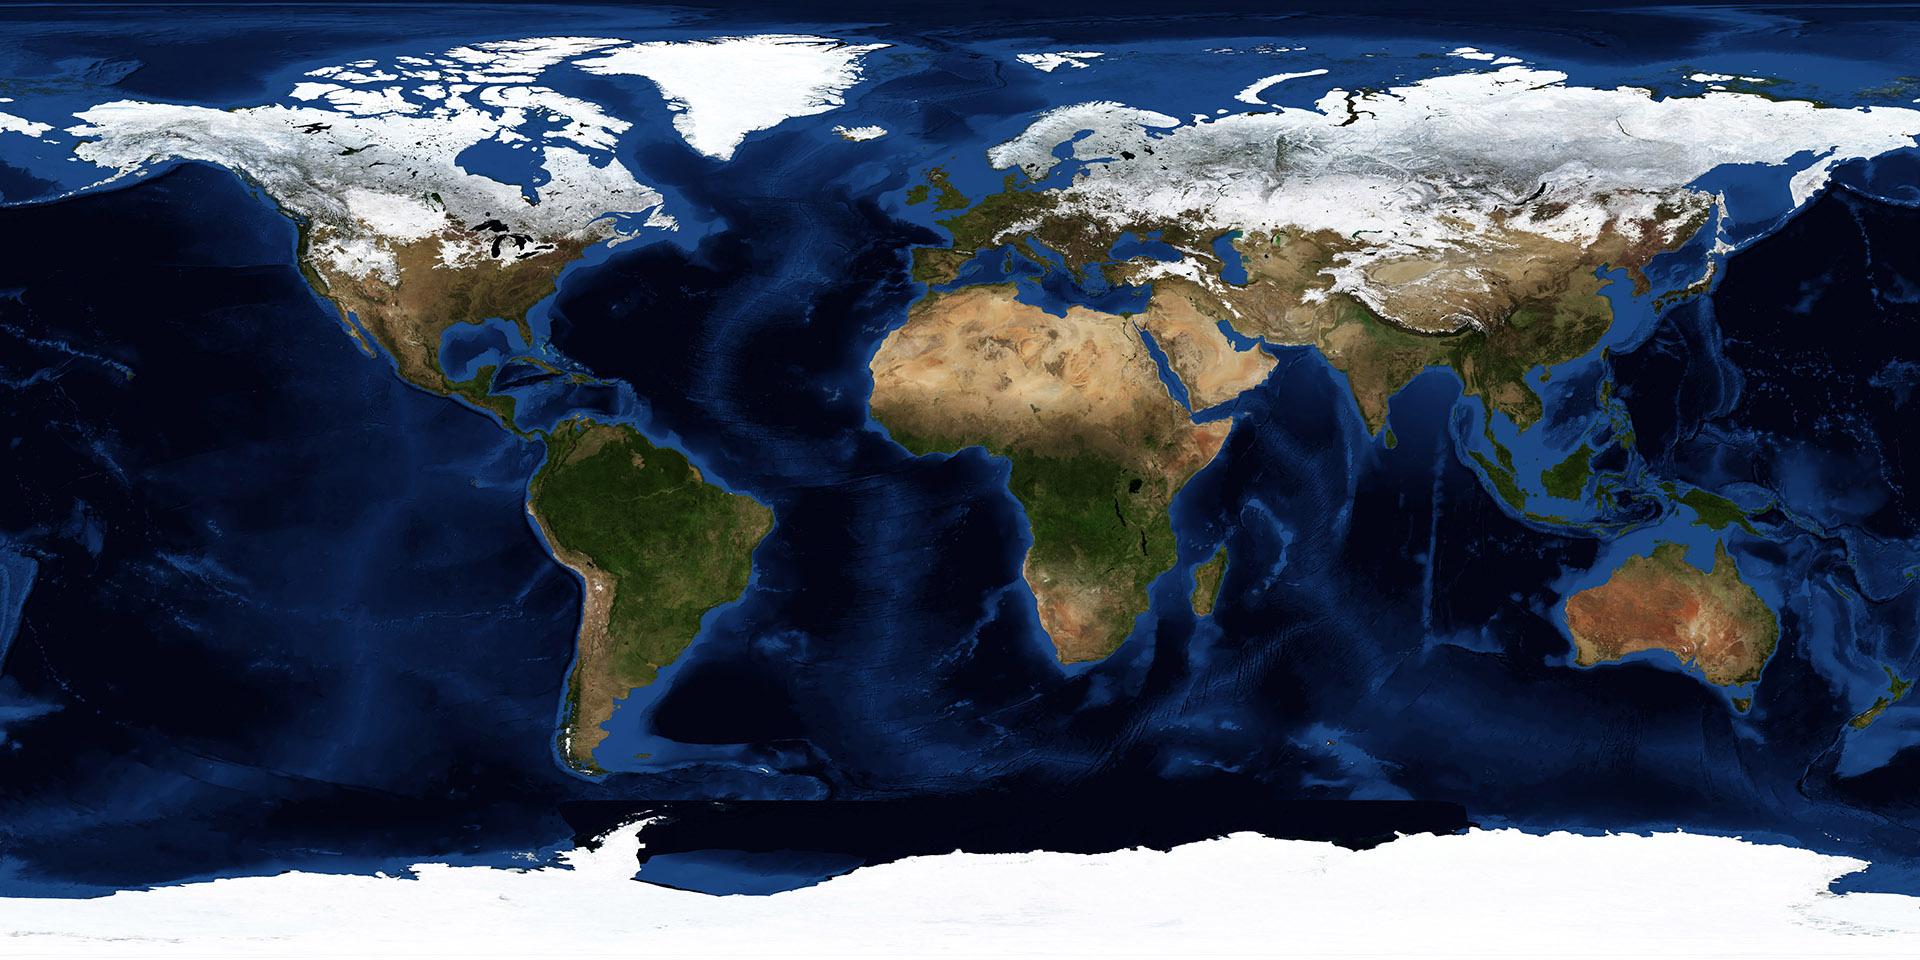 4096_earth1920.jpg